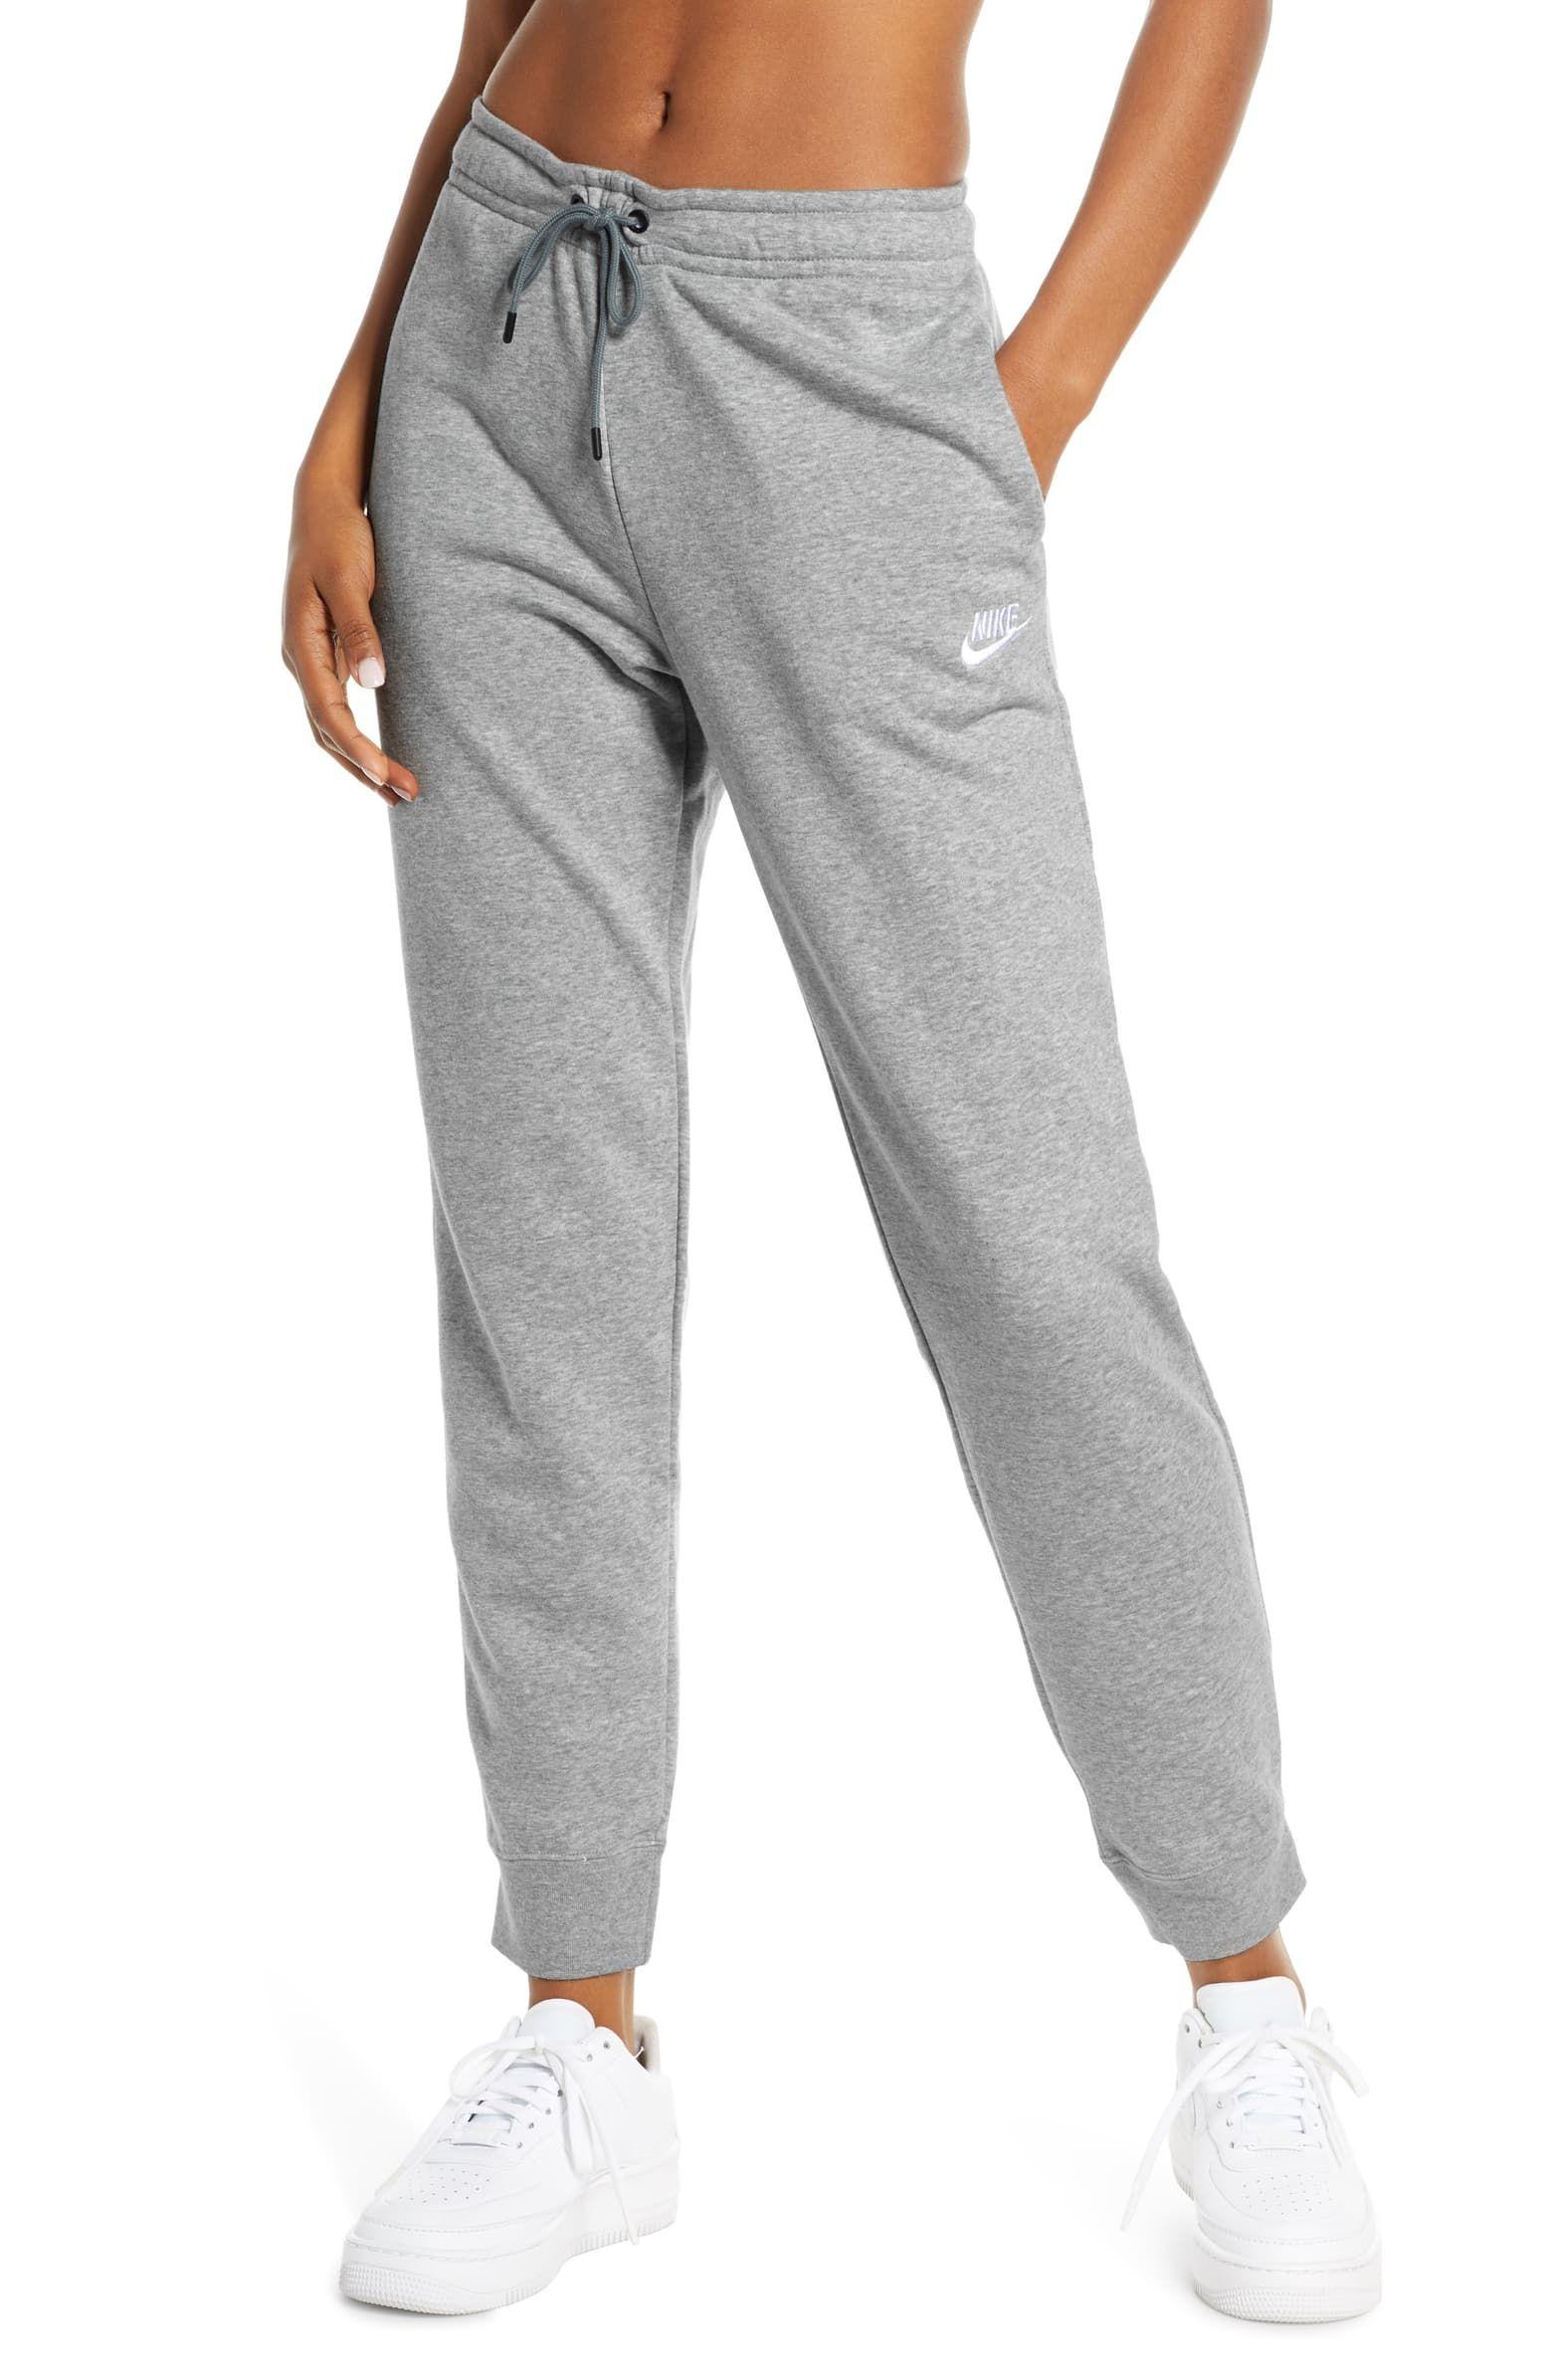 Nike Sportswear Essential Fleece Pants En 2020 Tenues Mode Tenue De Sport Mode Vetement